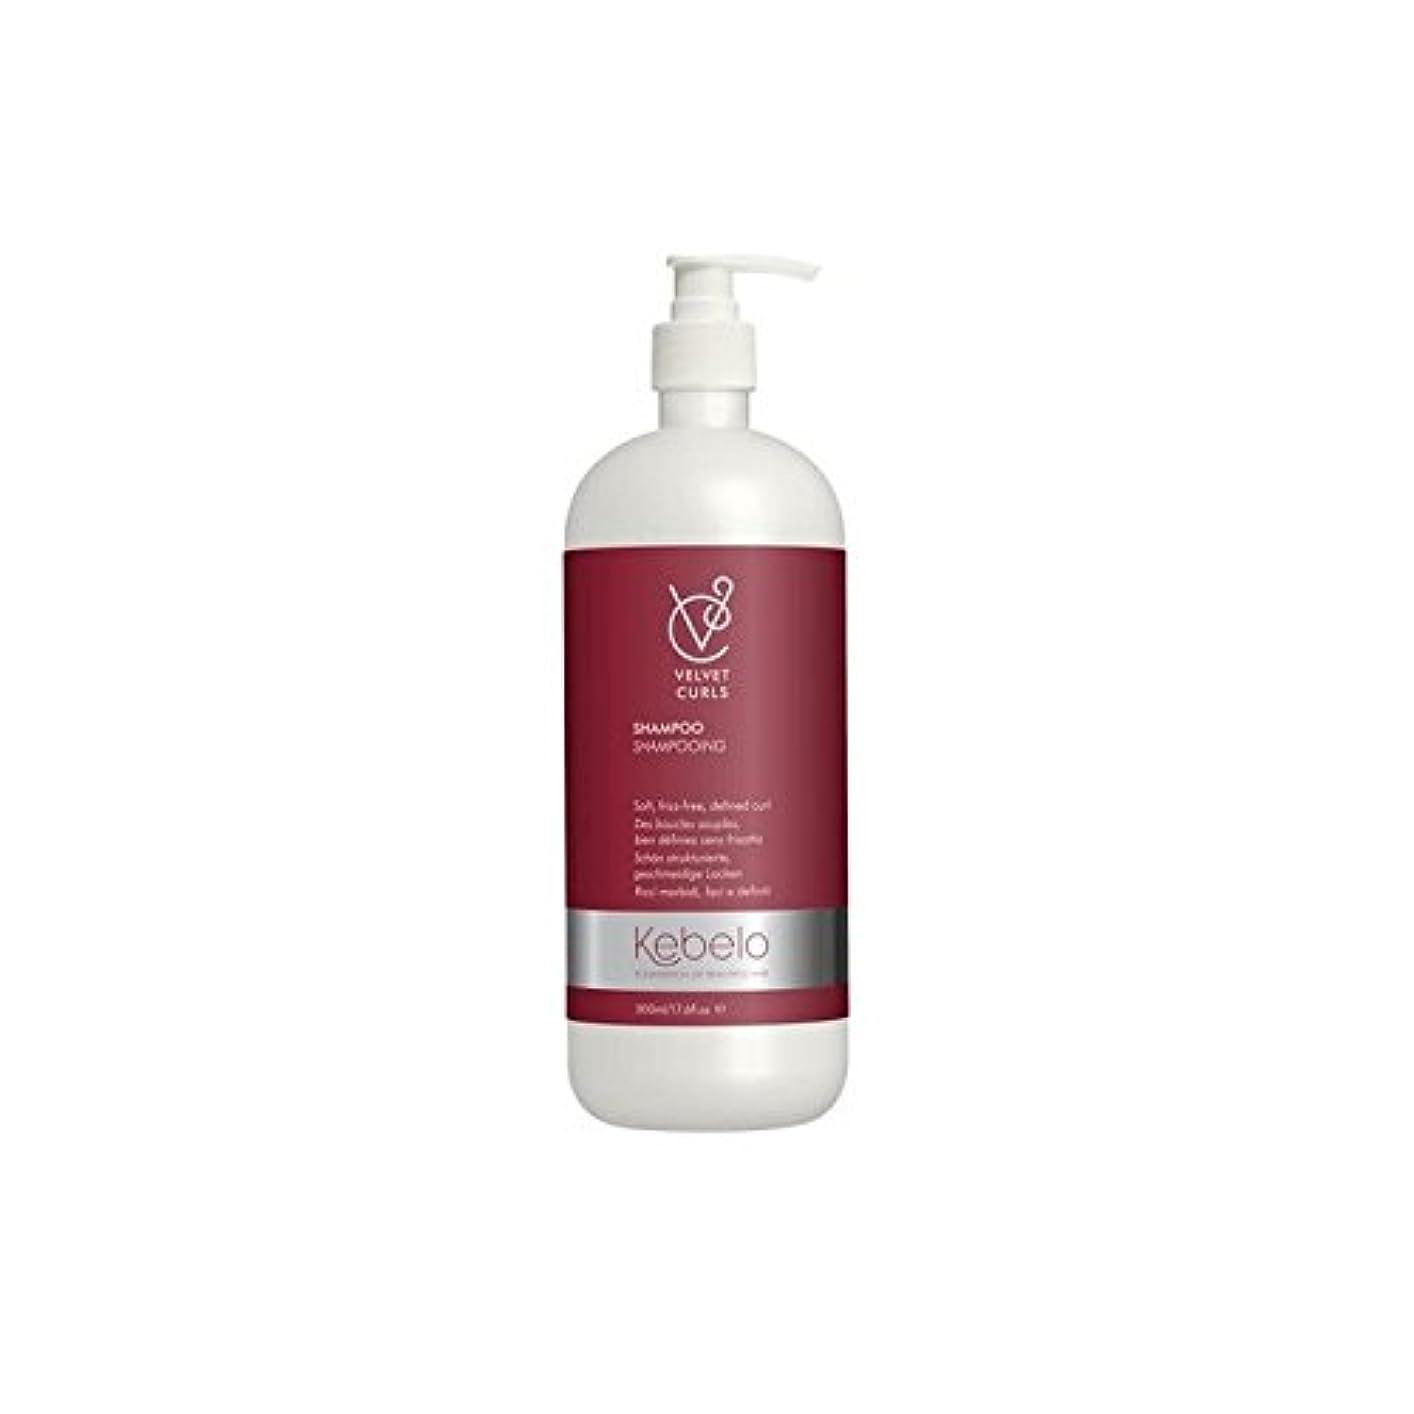 写真警官守銭奴ベルベットのカールシャンプー(500ミリリットル) x4 - Kebelo Velvet Curls Shampoo (500ml) (Pack of 4) [並行輸入品]